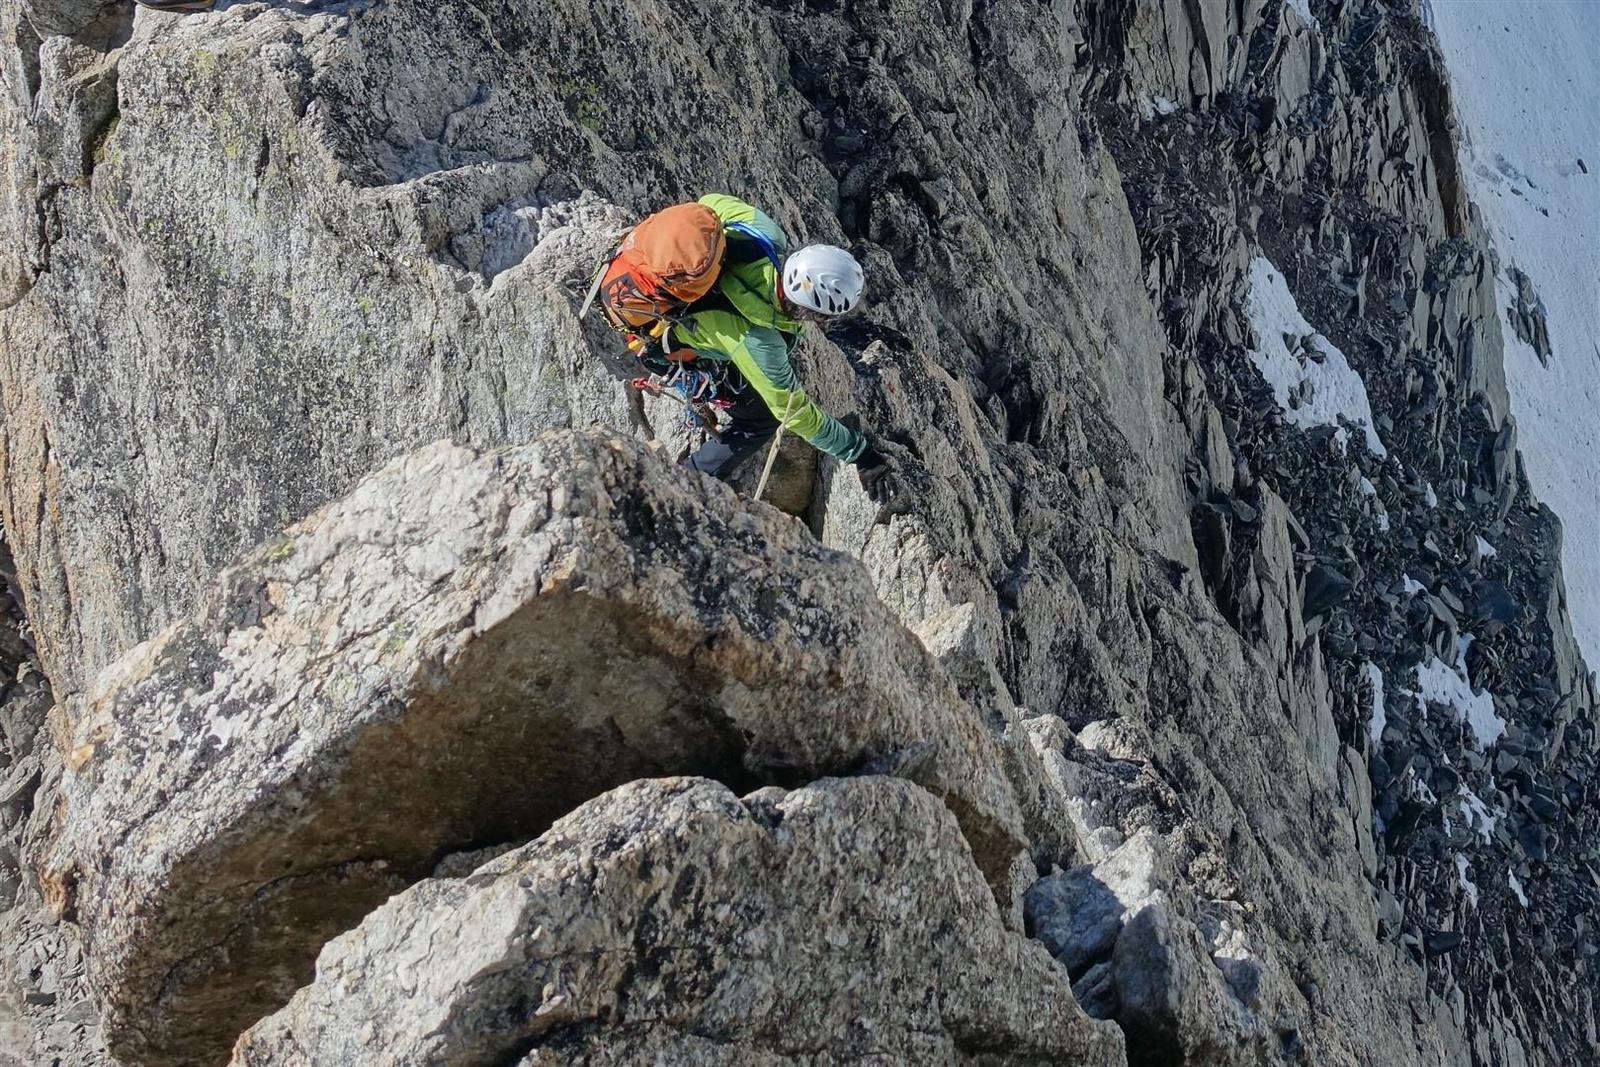 dans la montée au sommet de l'aiguille d'Entrèves, arête effilée et lames de granite pour la procession d'alpinistes